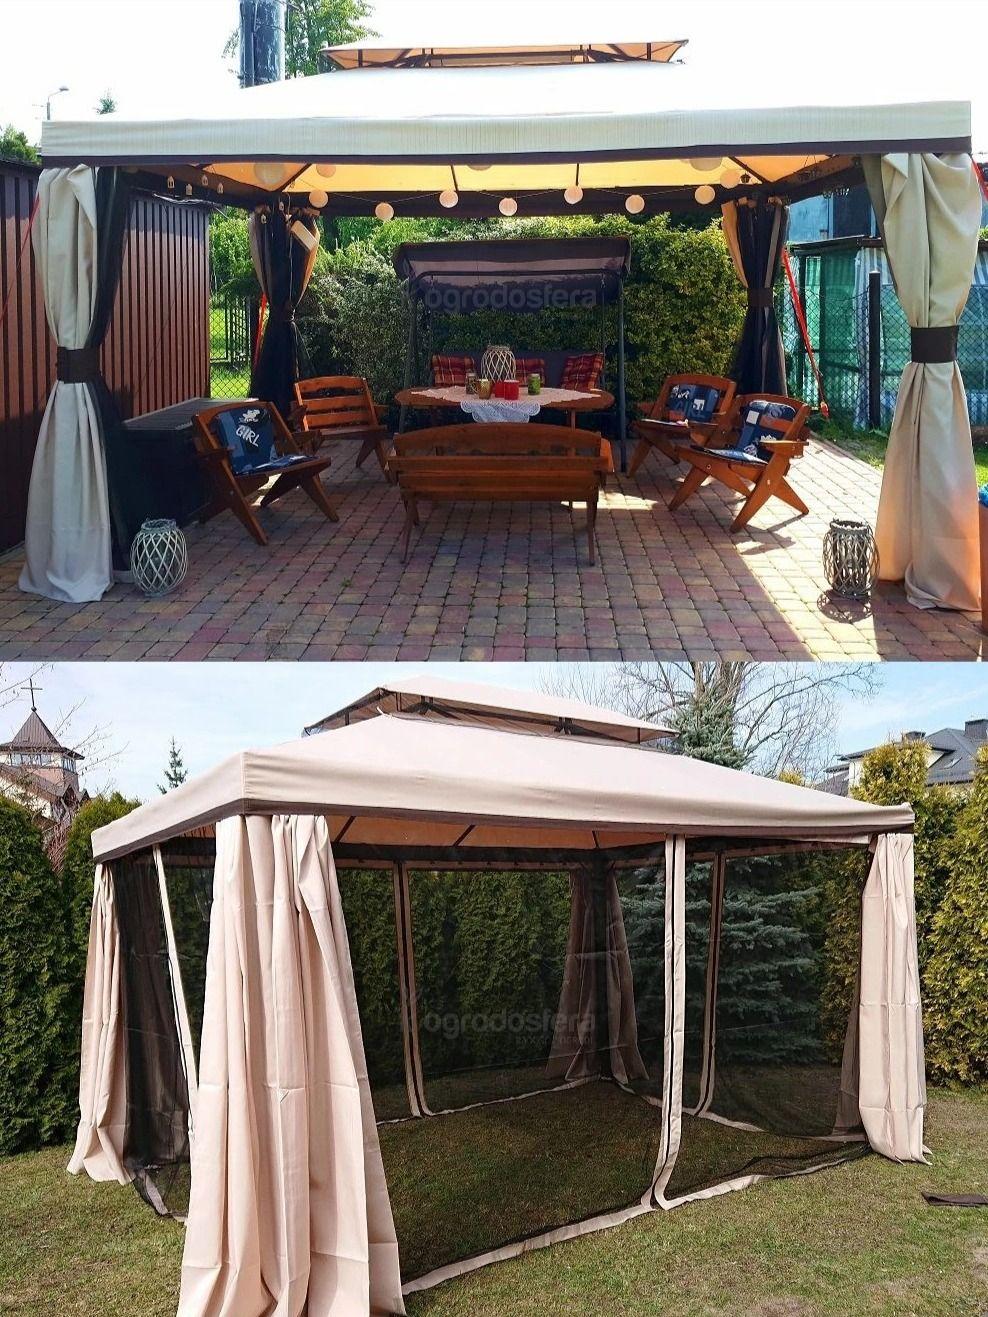 Pawilon Ogrodowy Z Moskitiera Walencja 3 X 4 M W Ogrodosfera Pl Patio Patio Umbrella Outdoor Decor